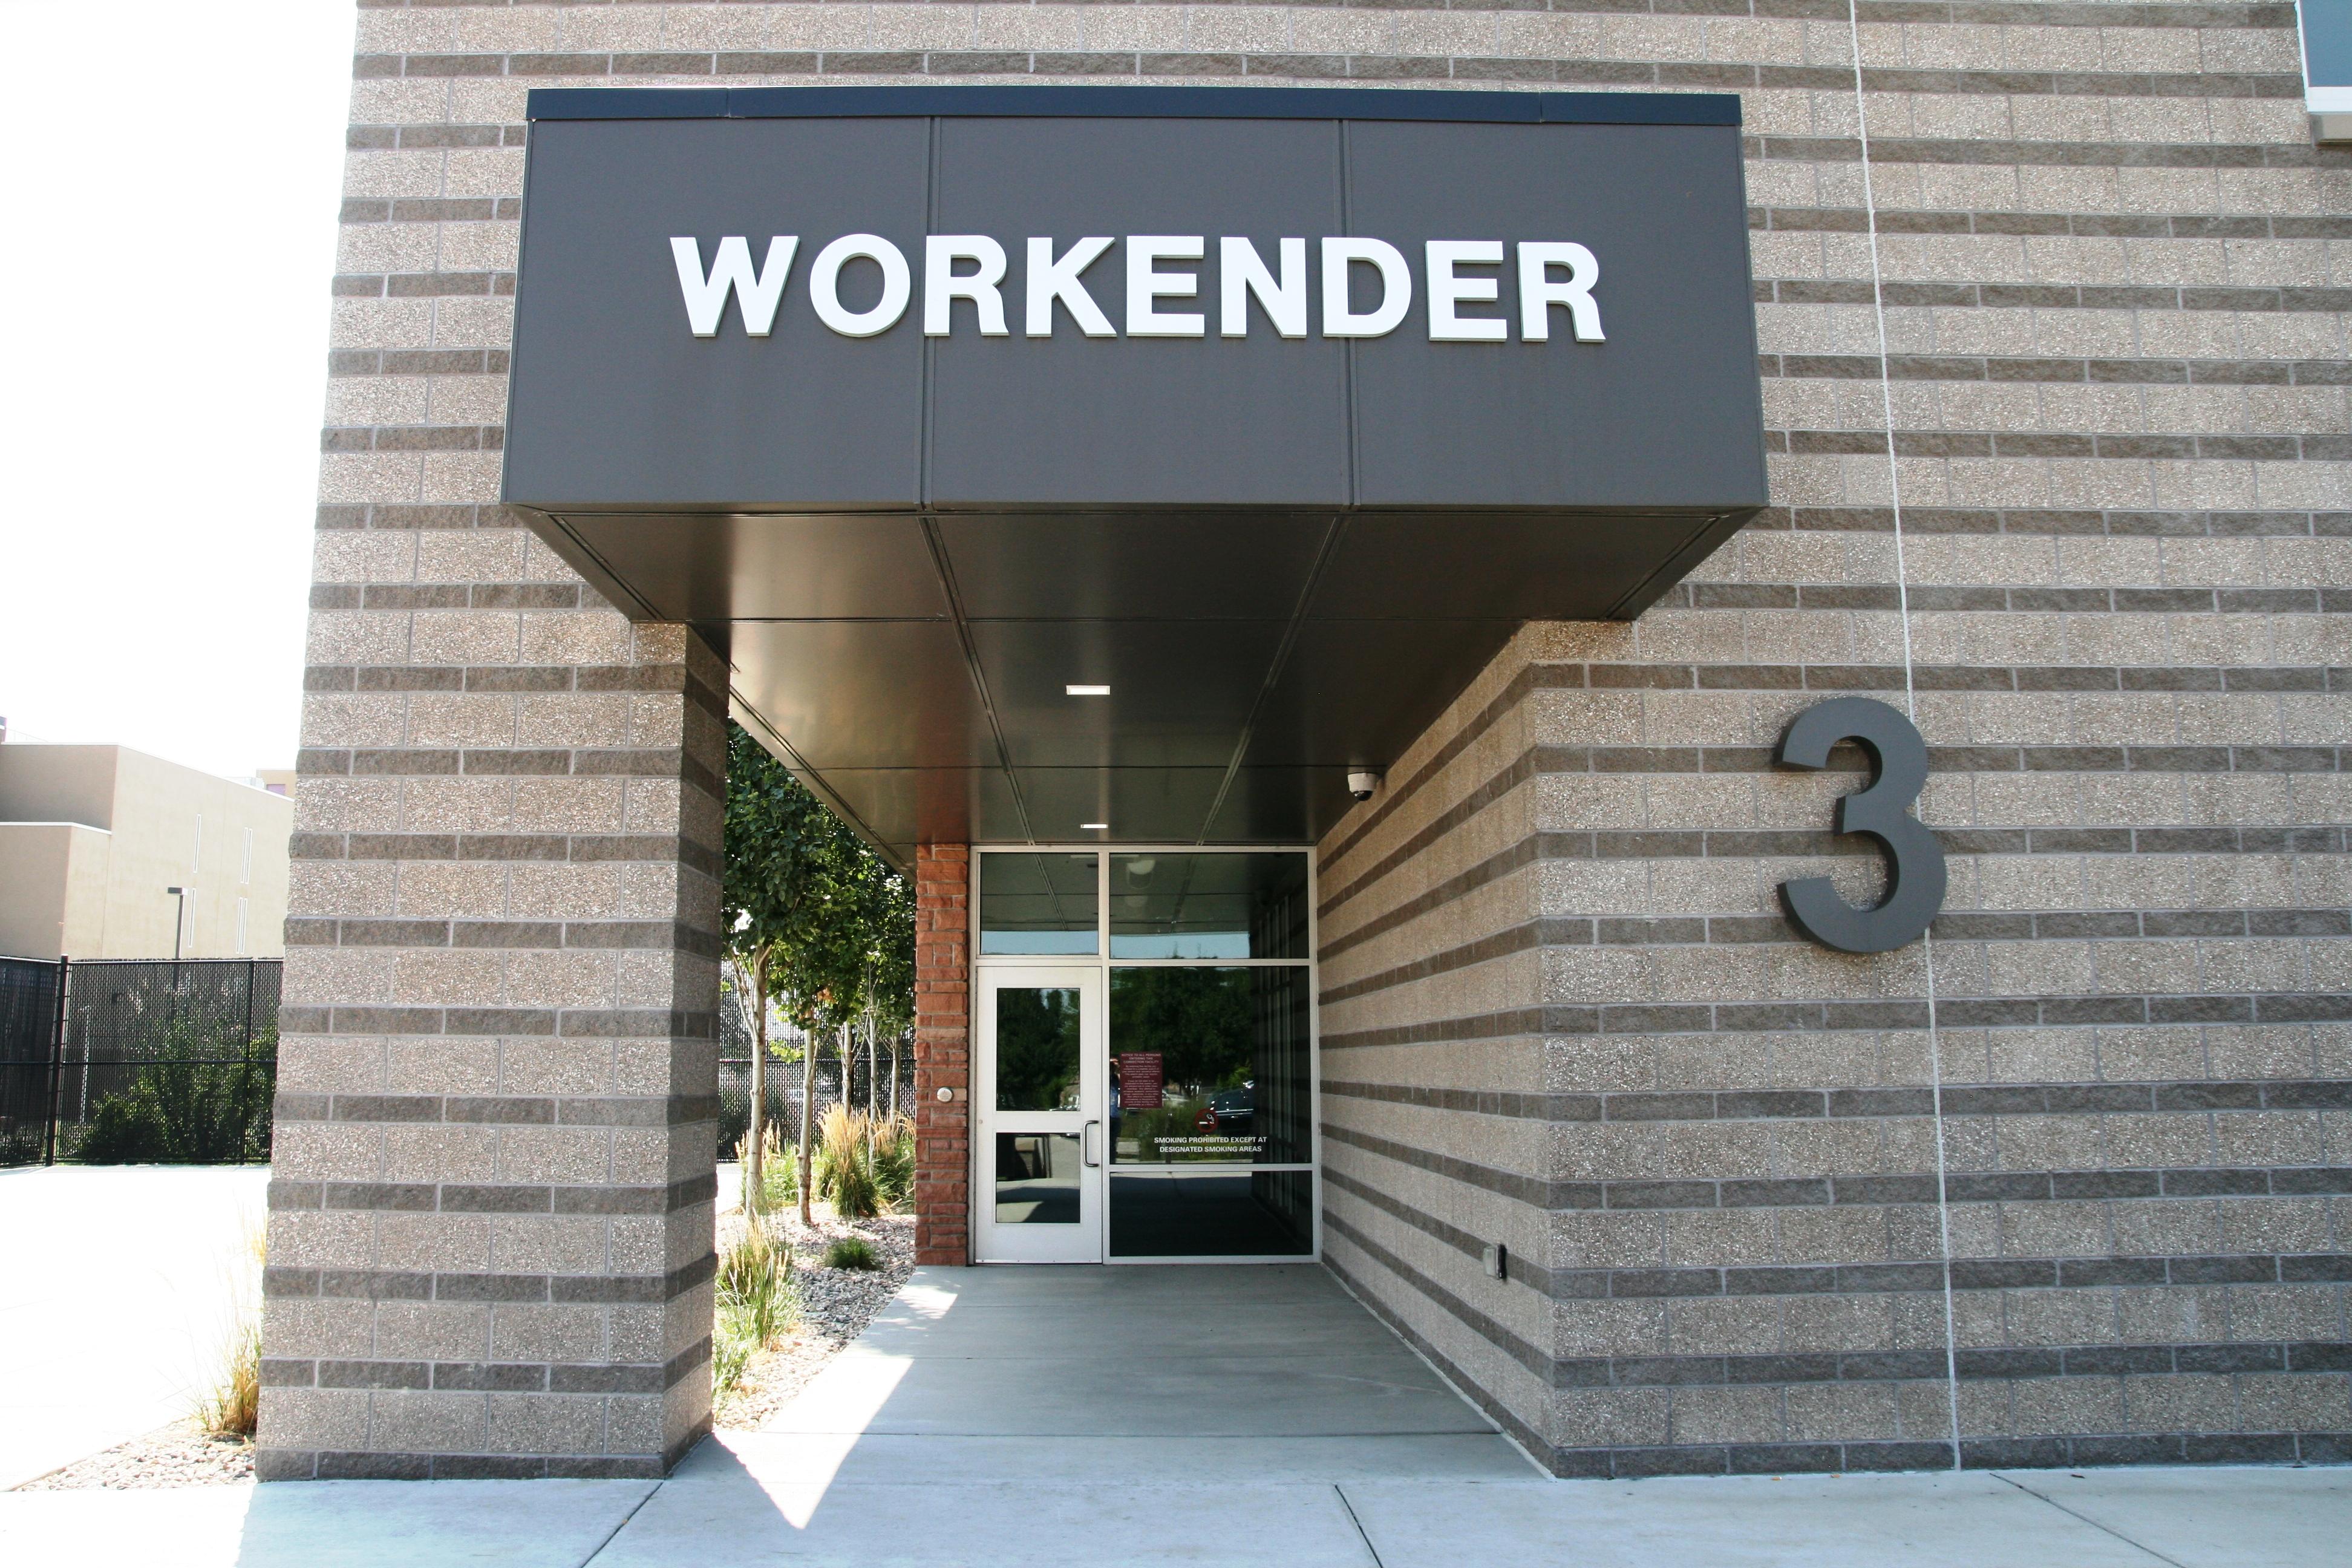 Image 1: Workender/Midweek Entrance